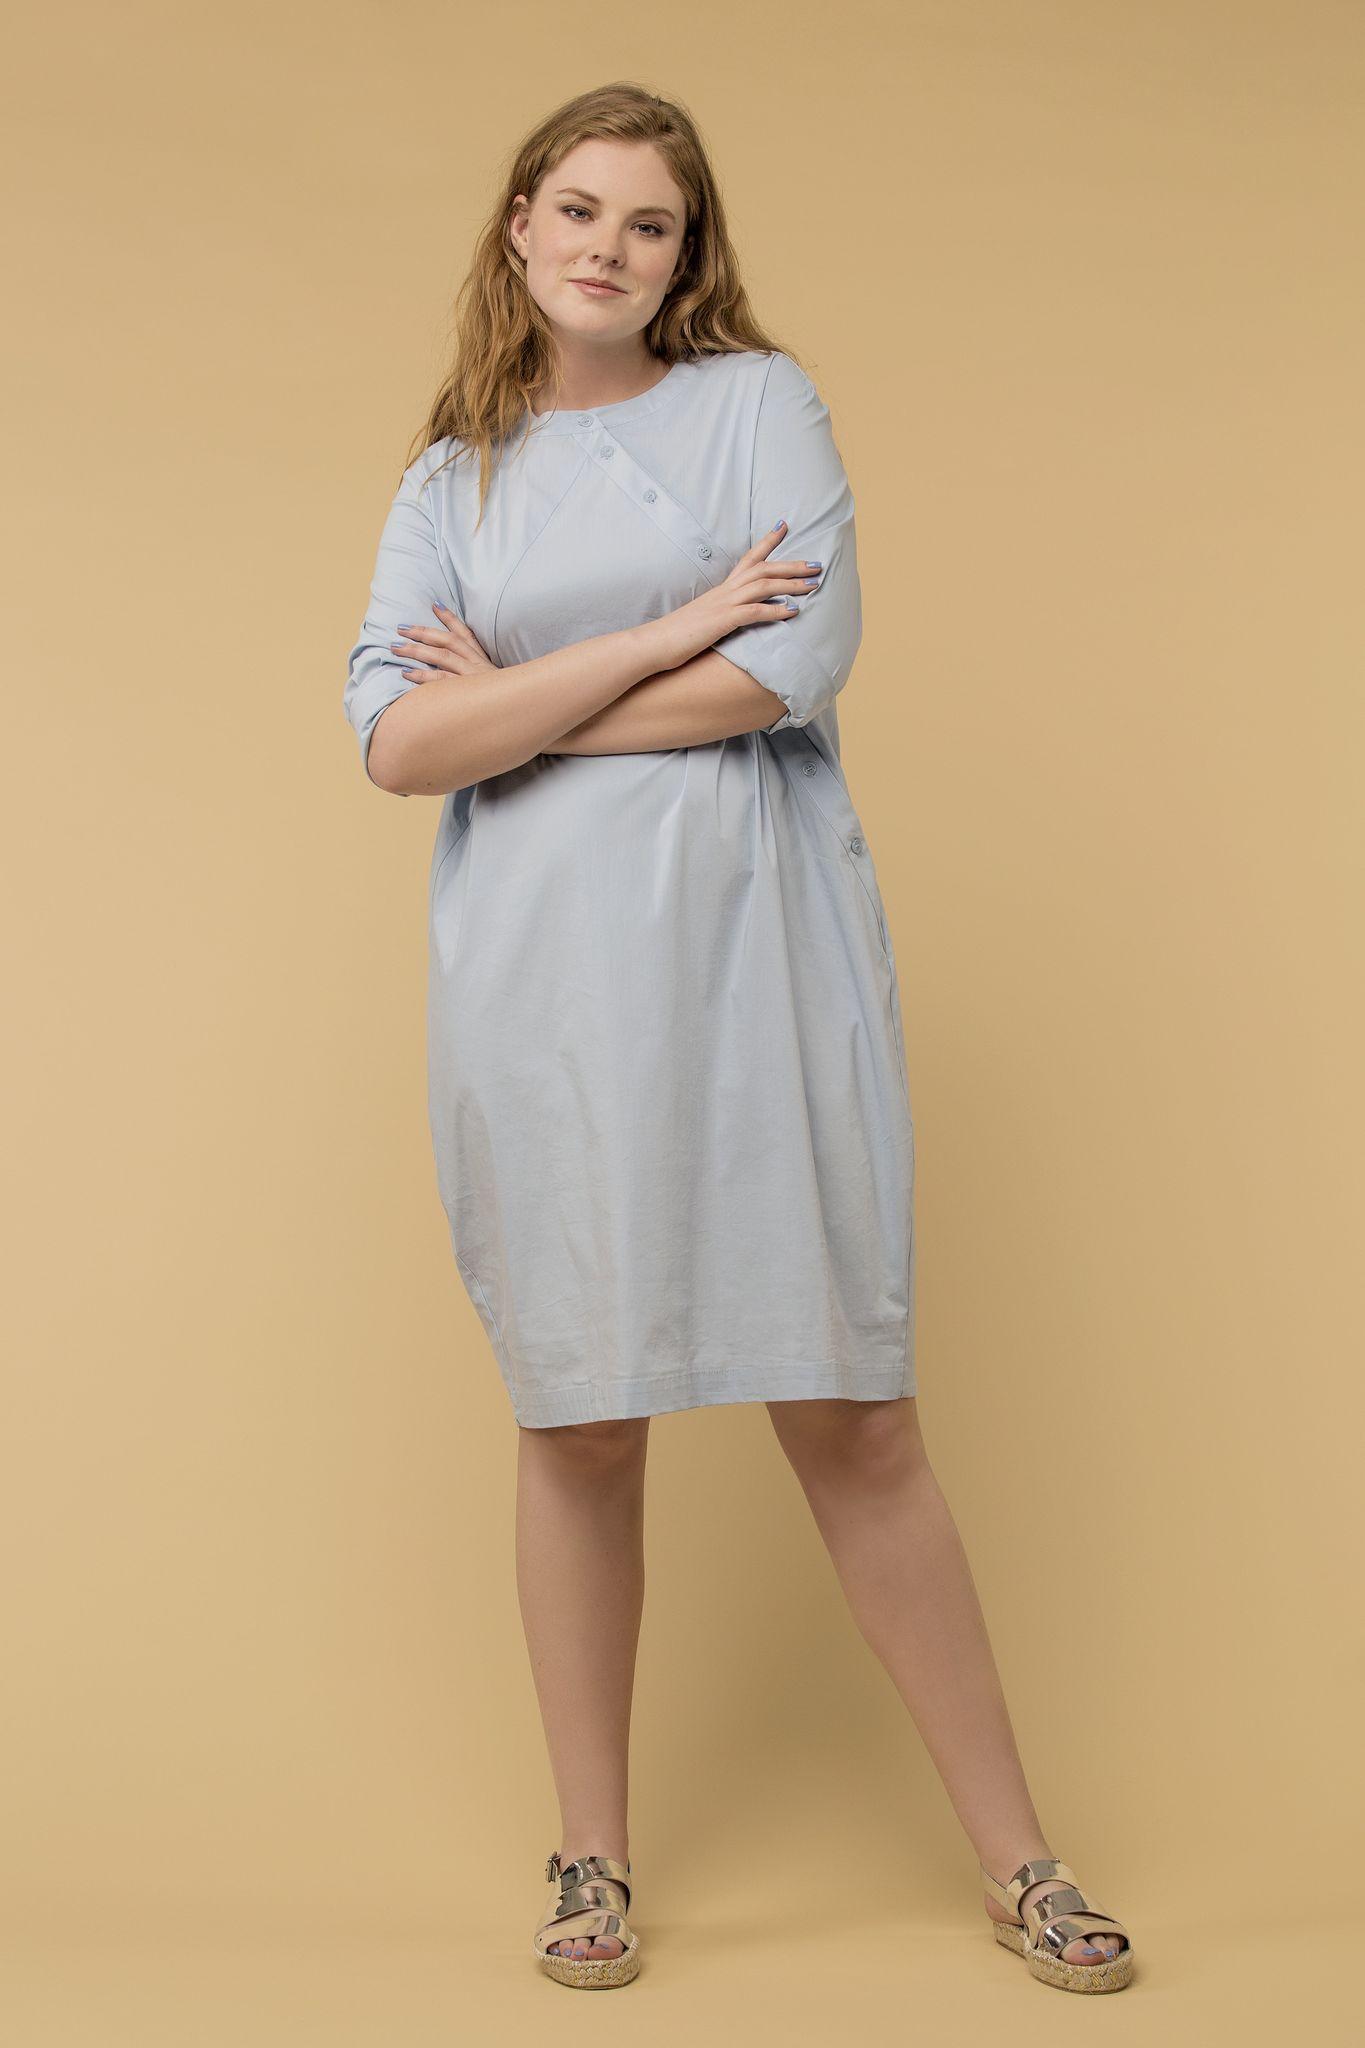 Платье LE-04 D04 41Платья<br>Платье-рубашка из очень нежного струящегося хлопка с косой планкой в бледно голубом цвете. Ткань настолько тактильна приятна, что в этом платье можно спать и пеленать младенцев. Кеды или босоножки на пробковой платформе - решать вам.<br>